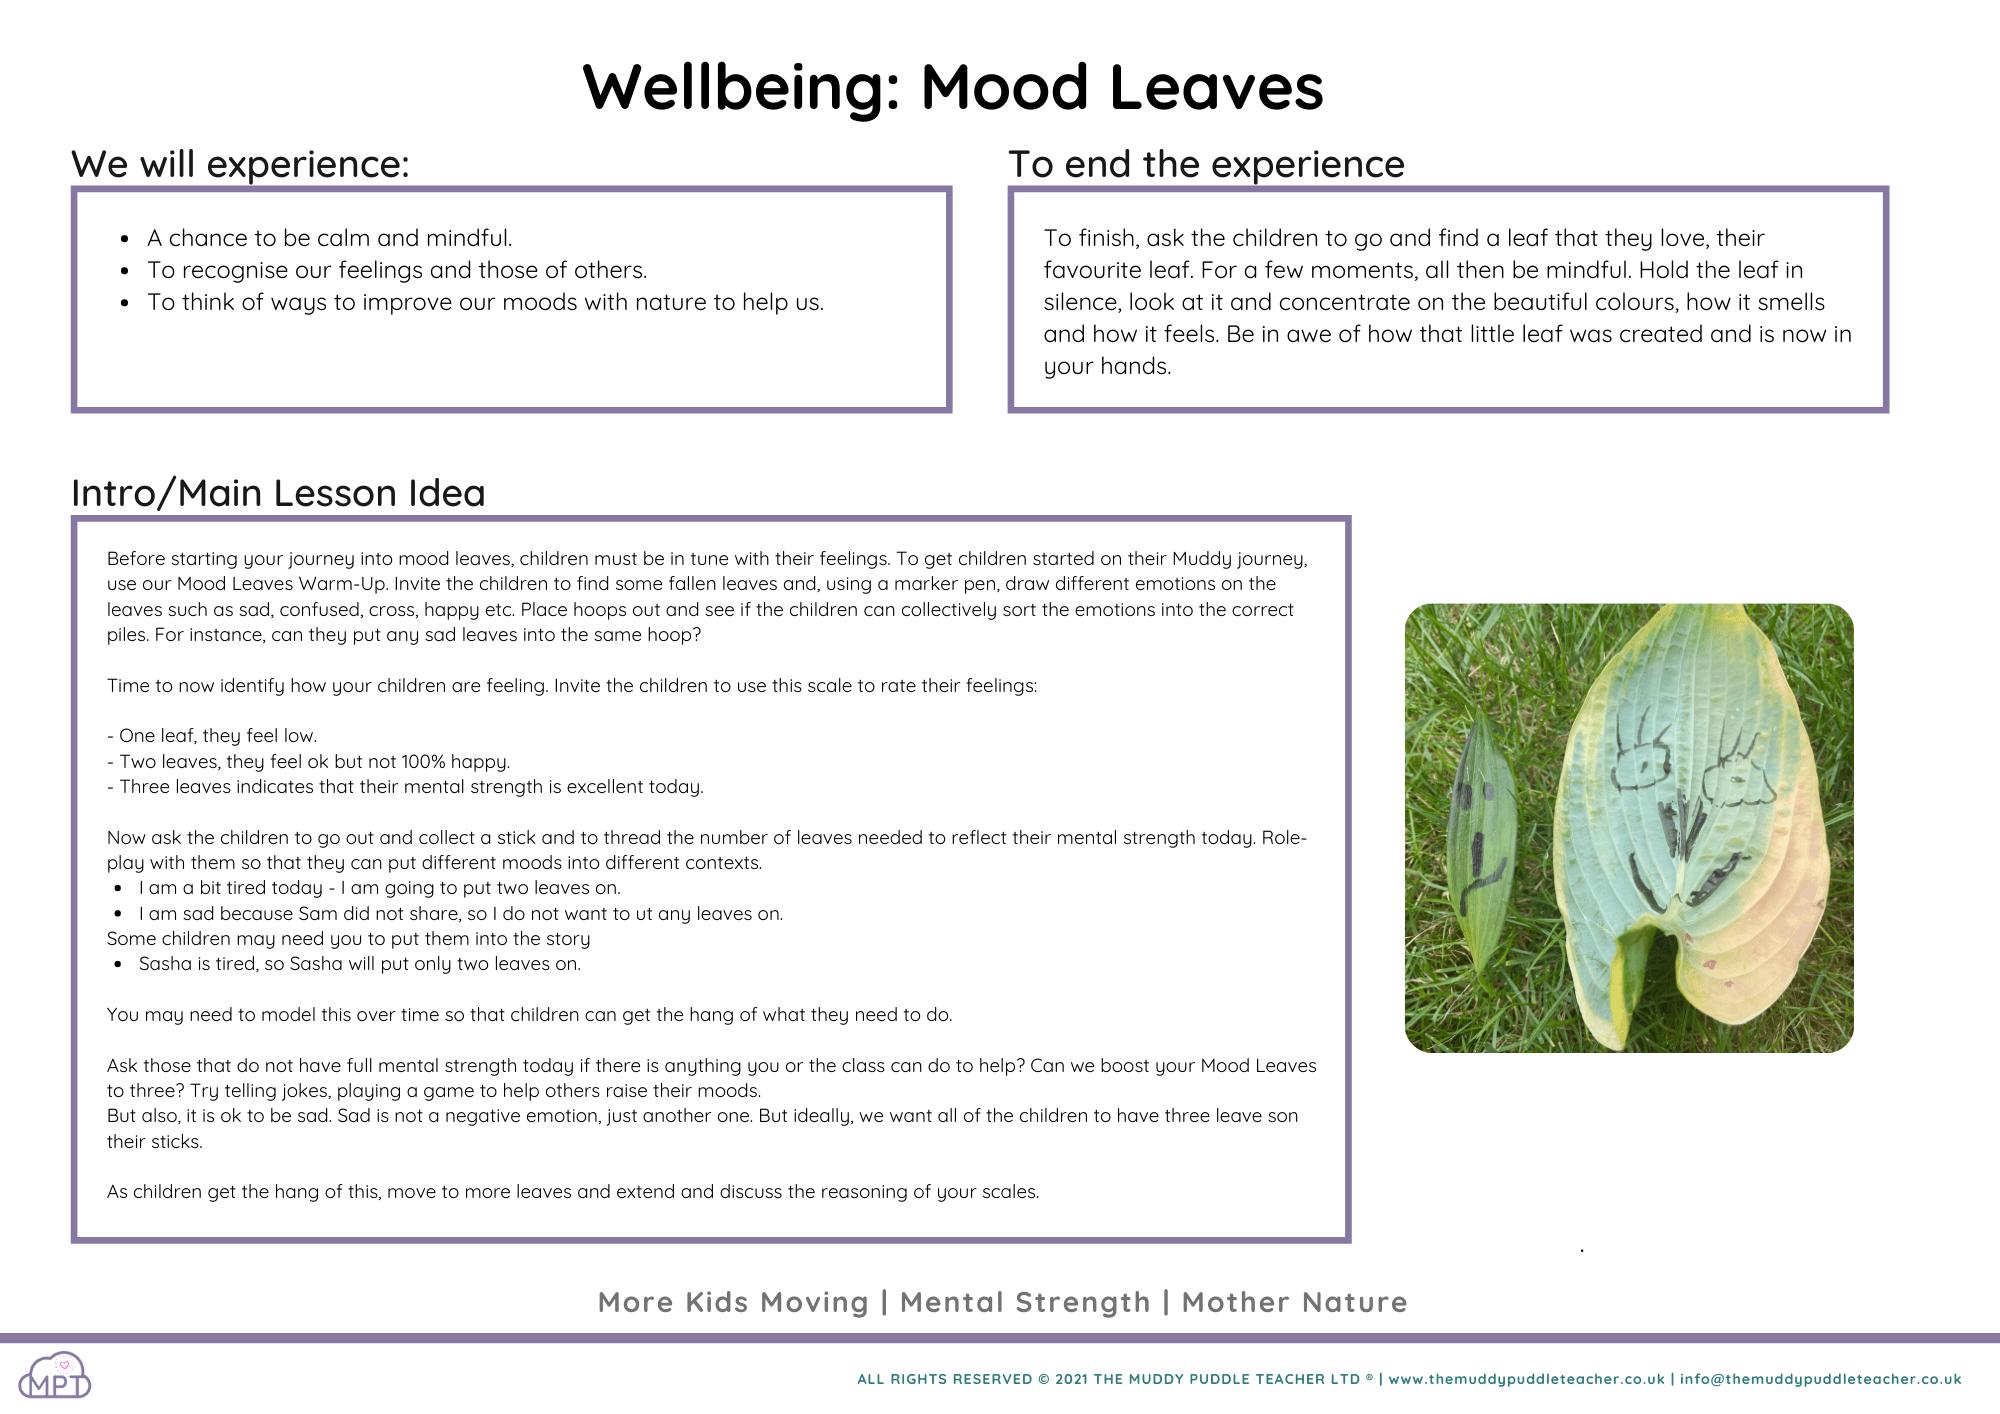 Wellbeing: Mood Leaves